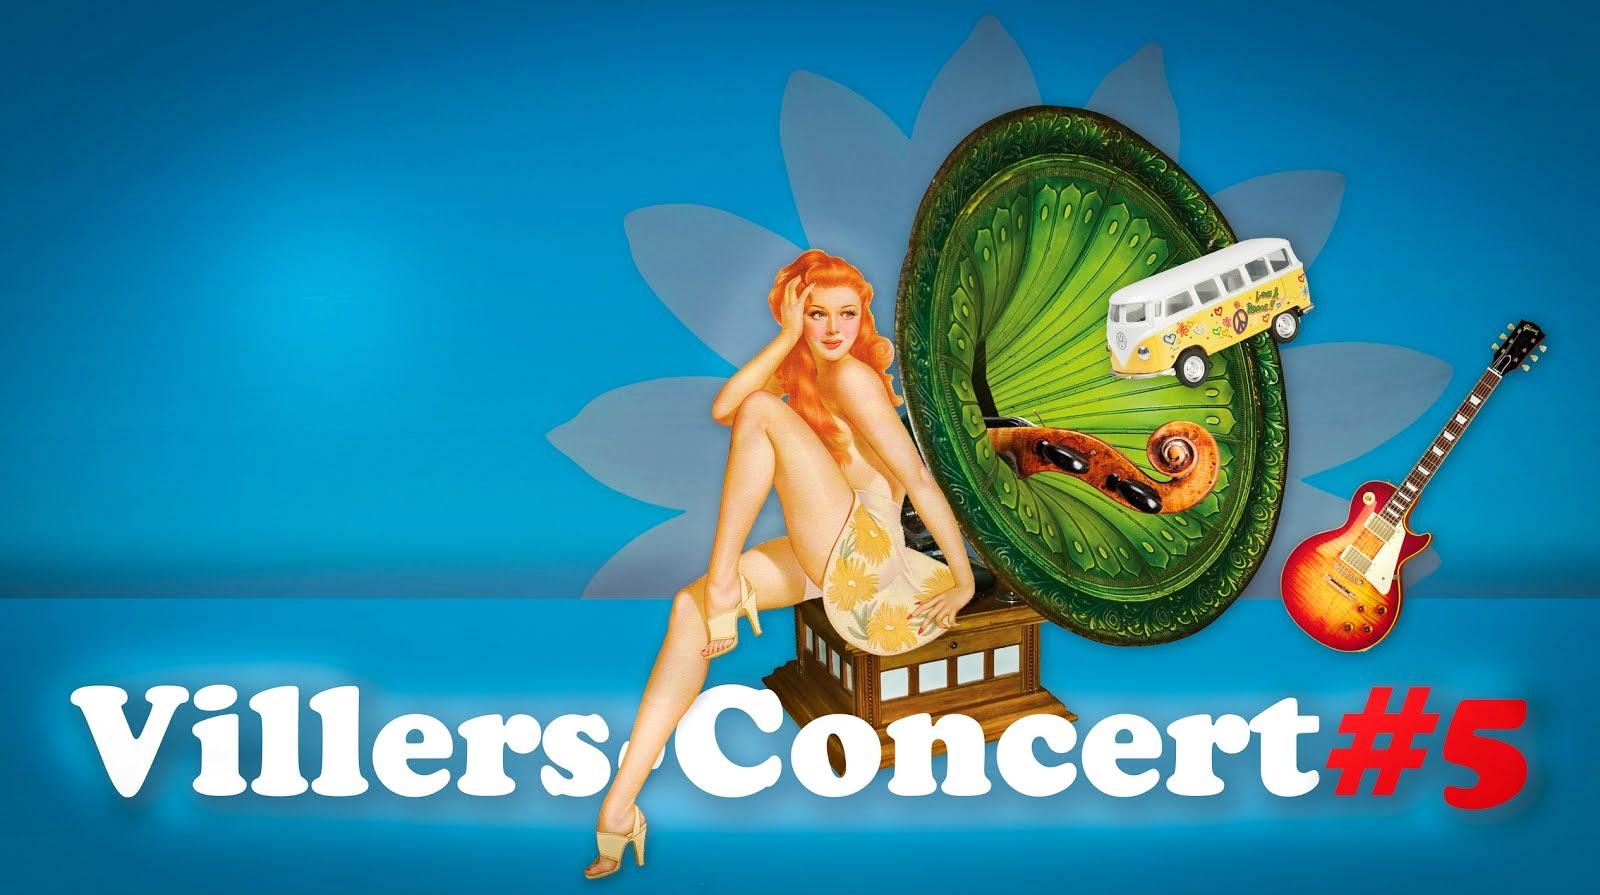 Villers-Concert